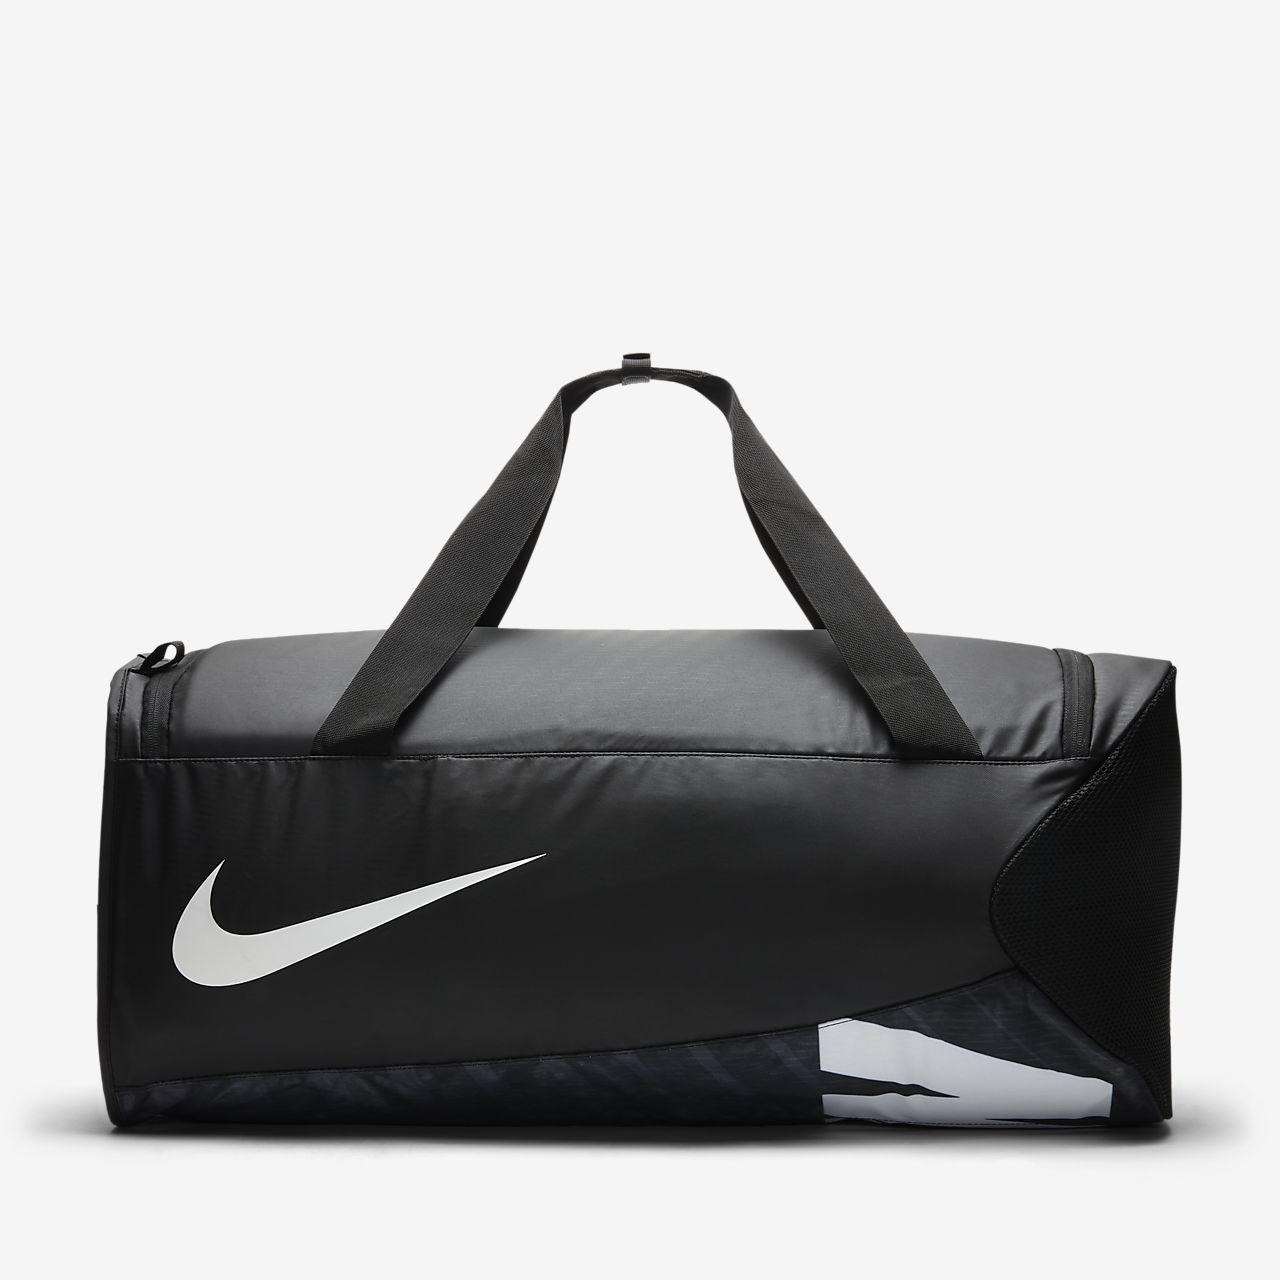 577536eadafff Nike Alpha Adapt Cross Body Sporttasche (Groß). Nike.com DE